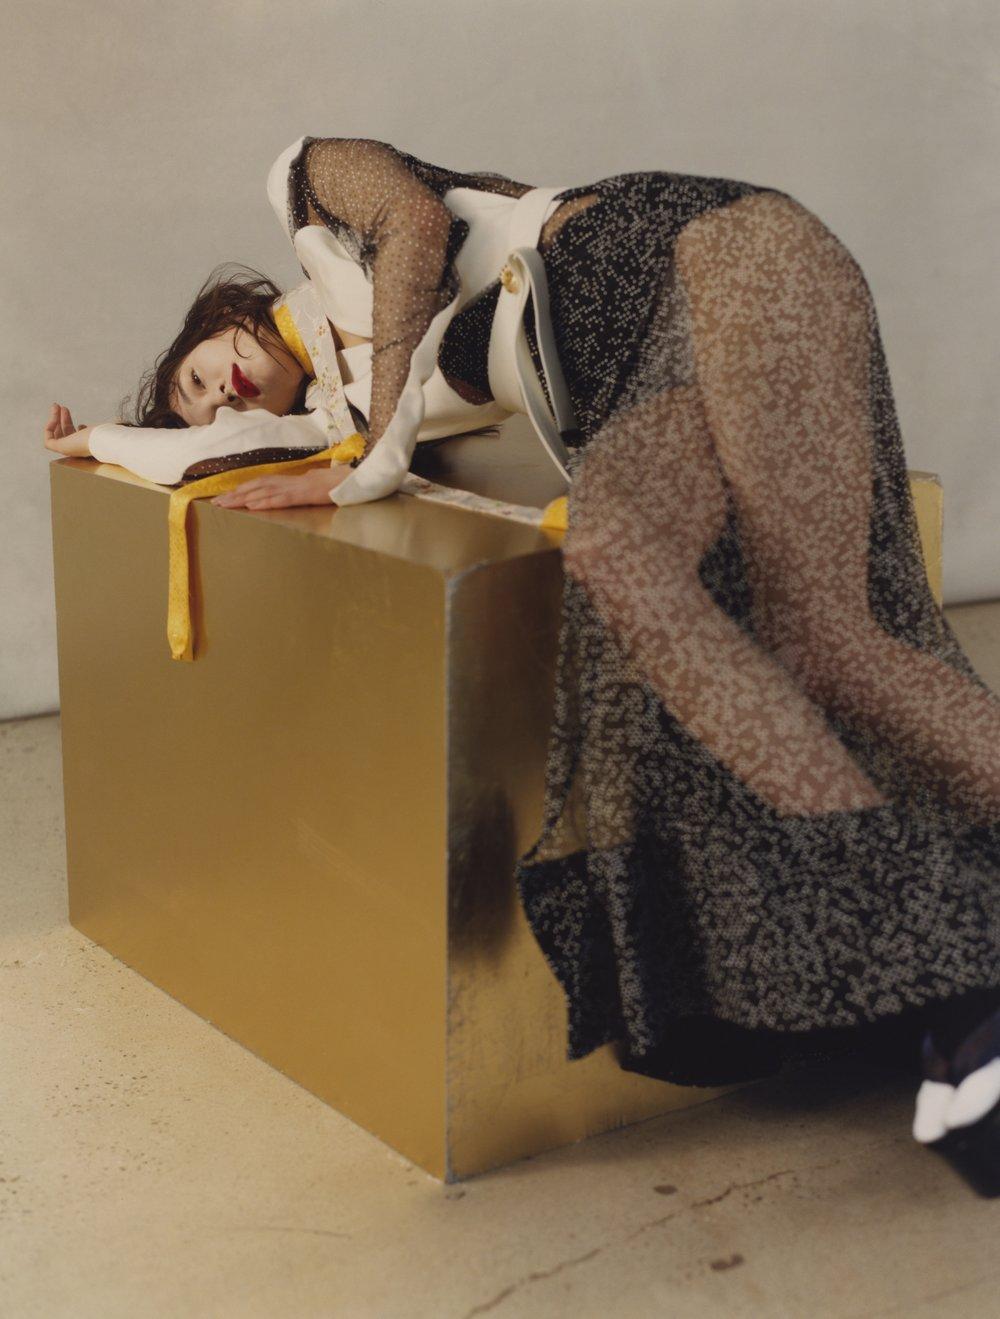 Vestido de LOUIS VUITTON, pendientes de ANA KHOURI, cadena de JADE TRAU, collar de LADY GREY, fajas y calcetas de KIMONO HOUSE y plataformas de ELLERY.